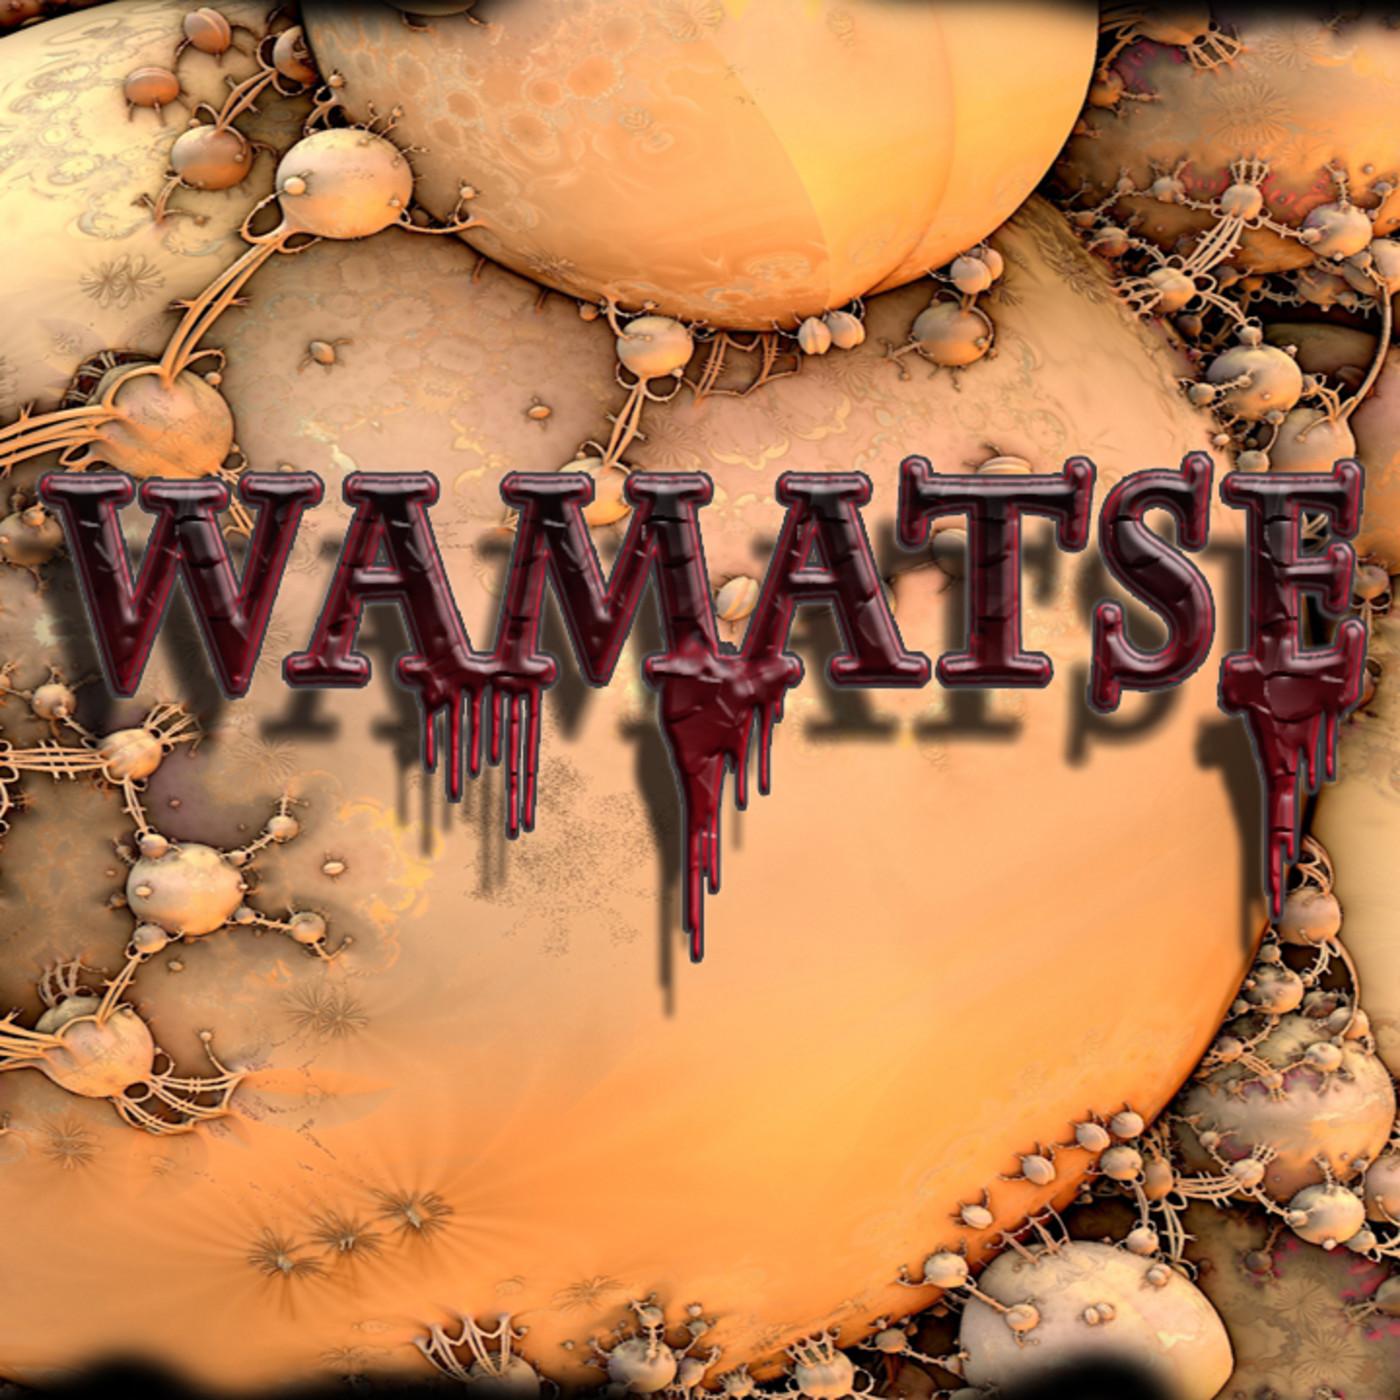 Wamatse, los crímenes del Hipnotizador